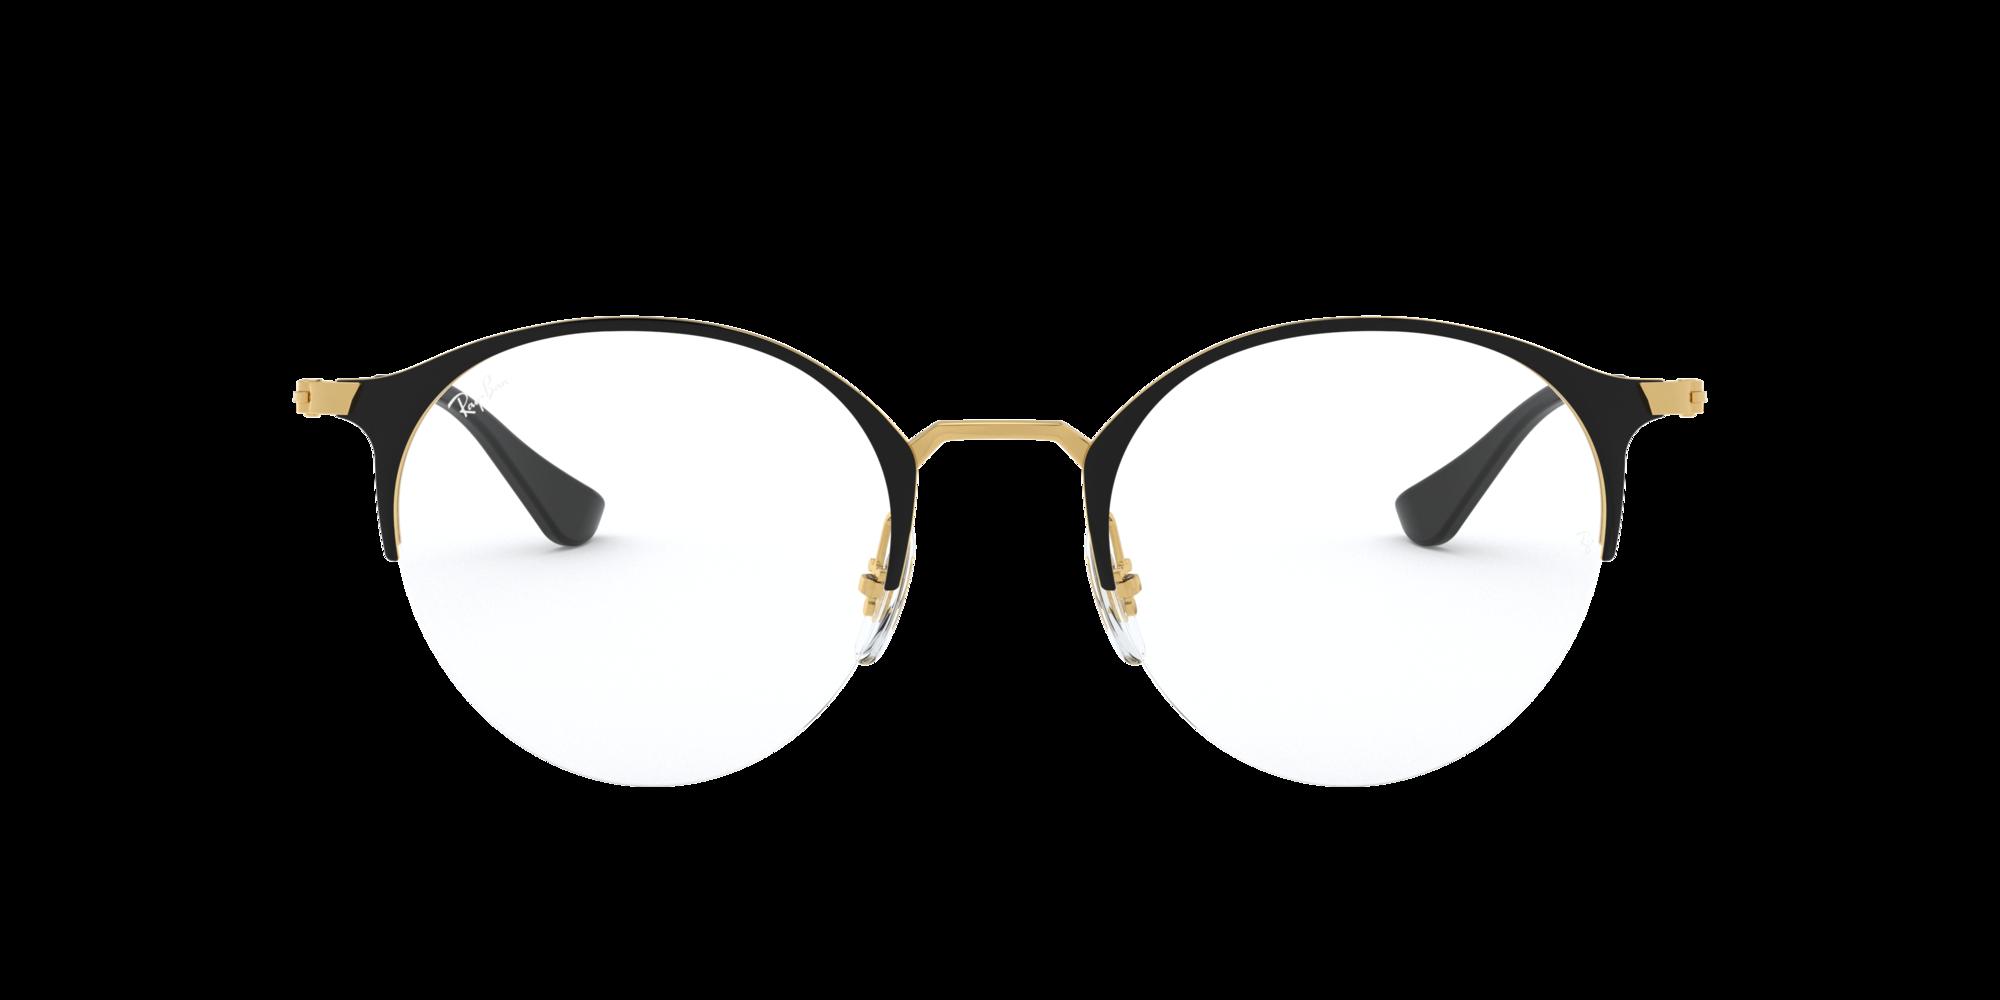 Imagen para RX3578V de LensCrafters |  Espejuelos, espejuelos graduados en línea, gafas